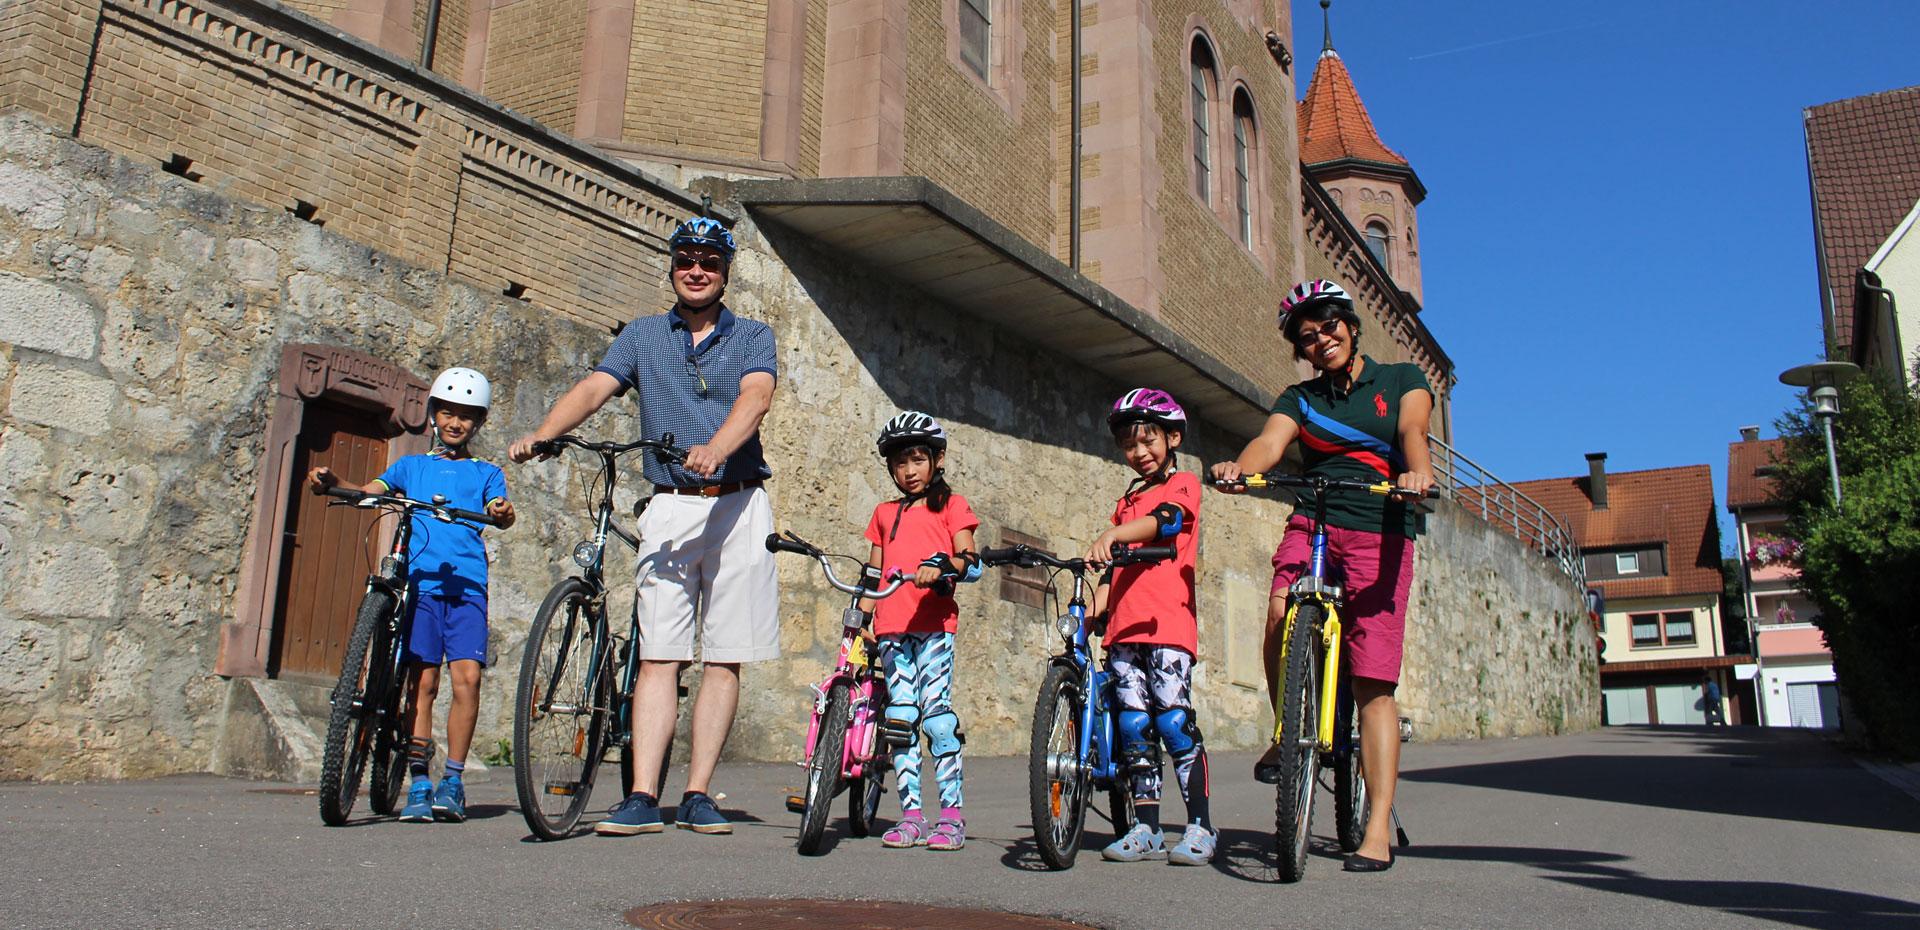 Eine Familie mit drei Kindern steht mit ihren Fahrrädern im Sommer vor der katholischen Kirche